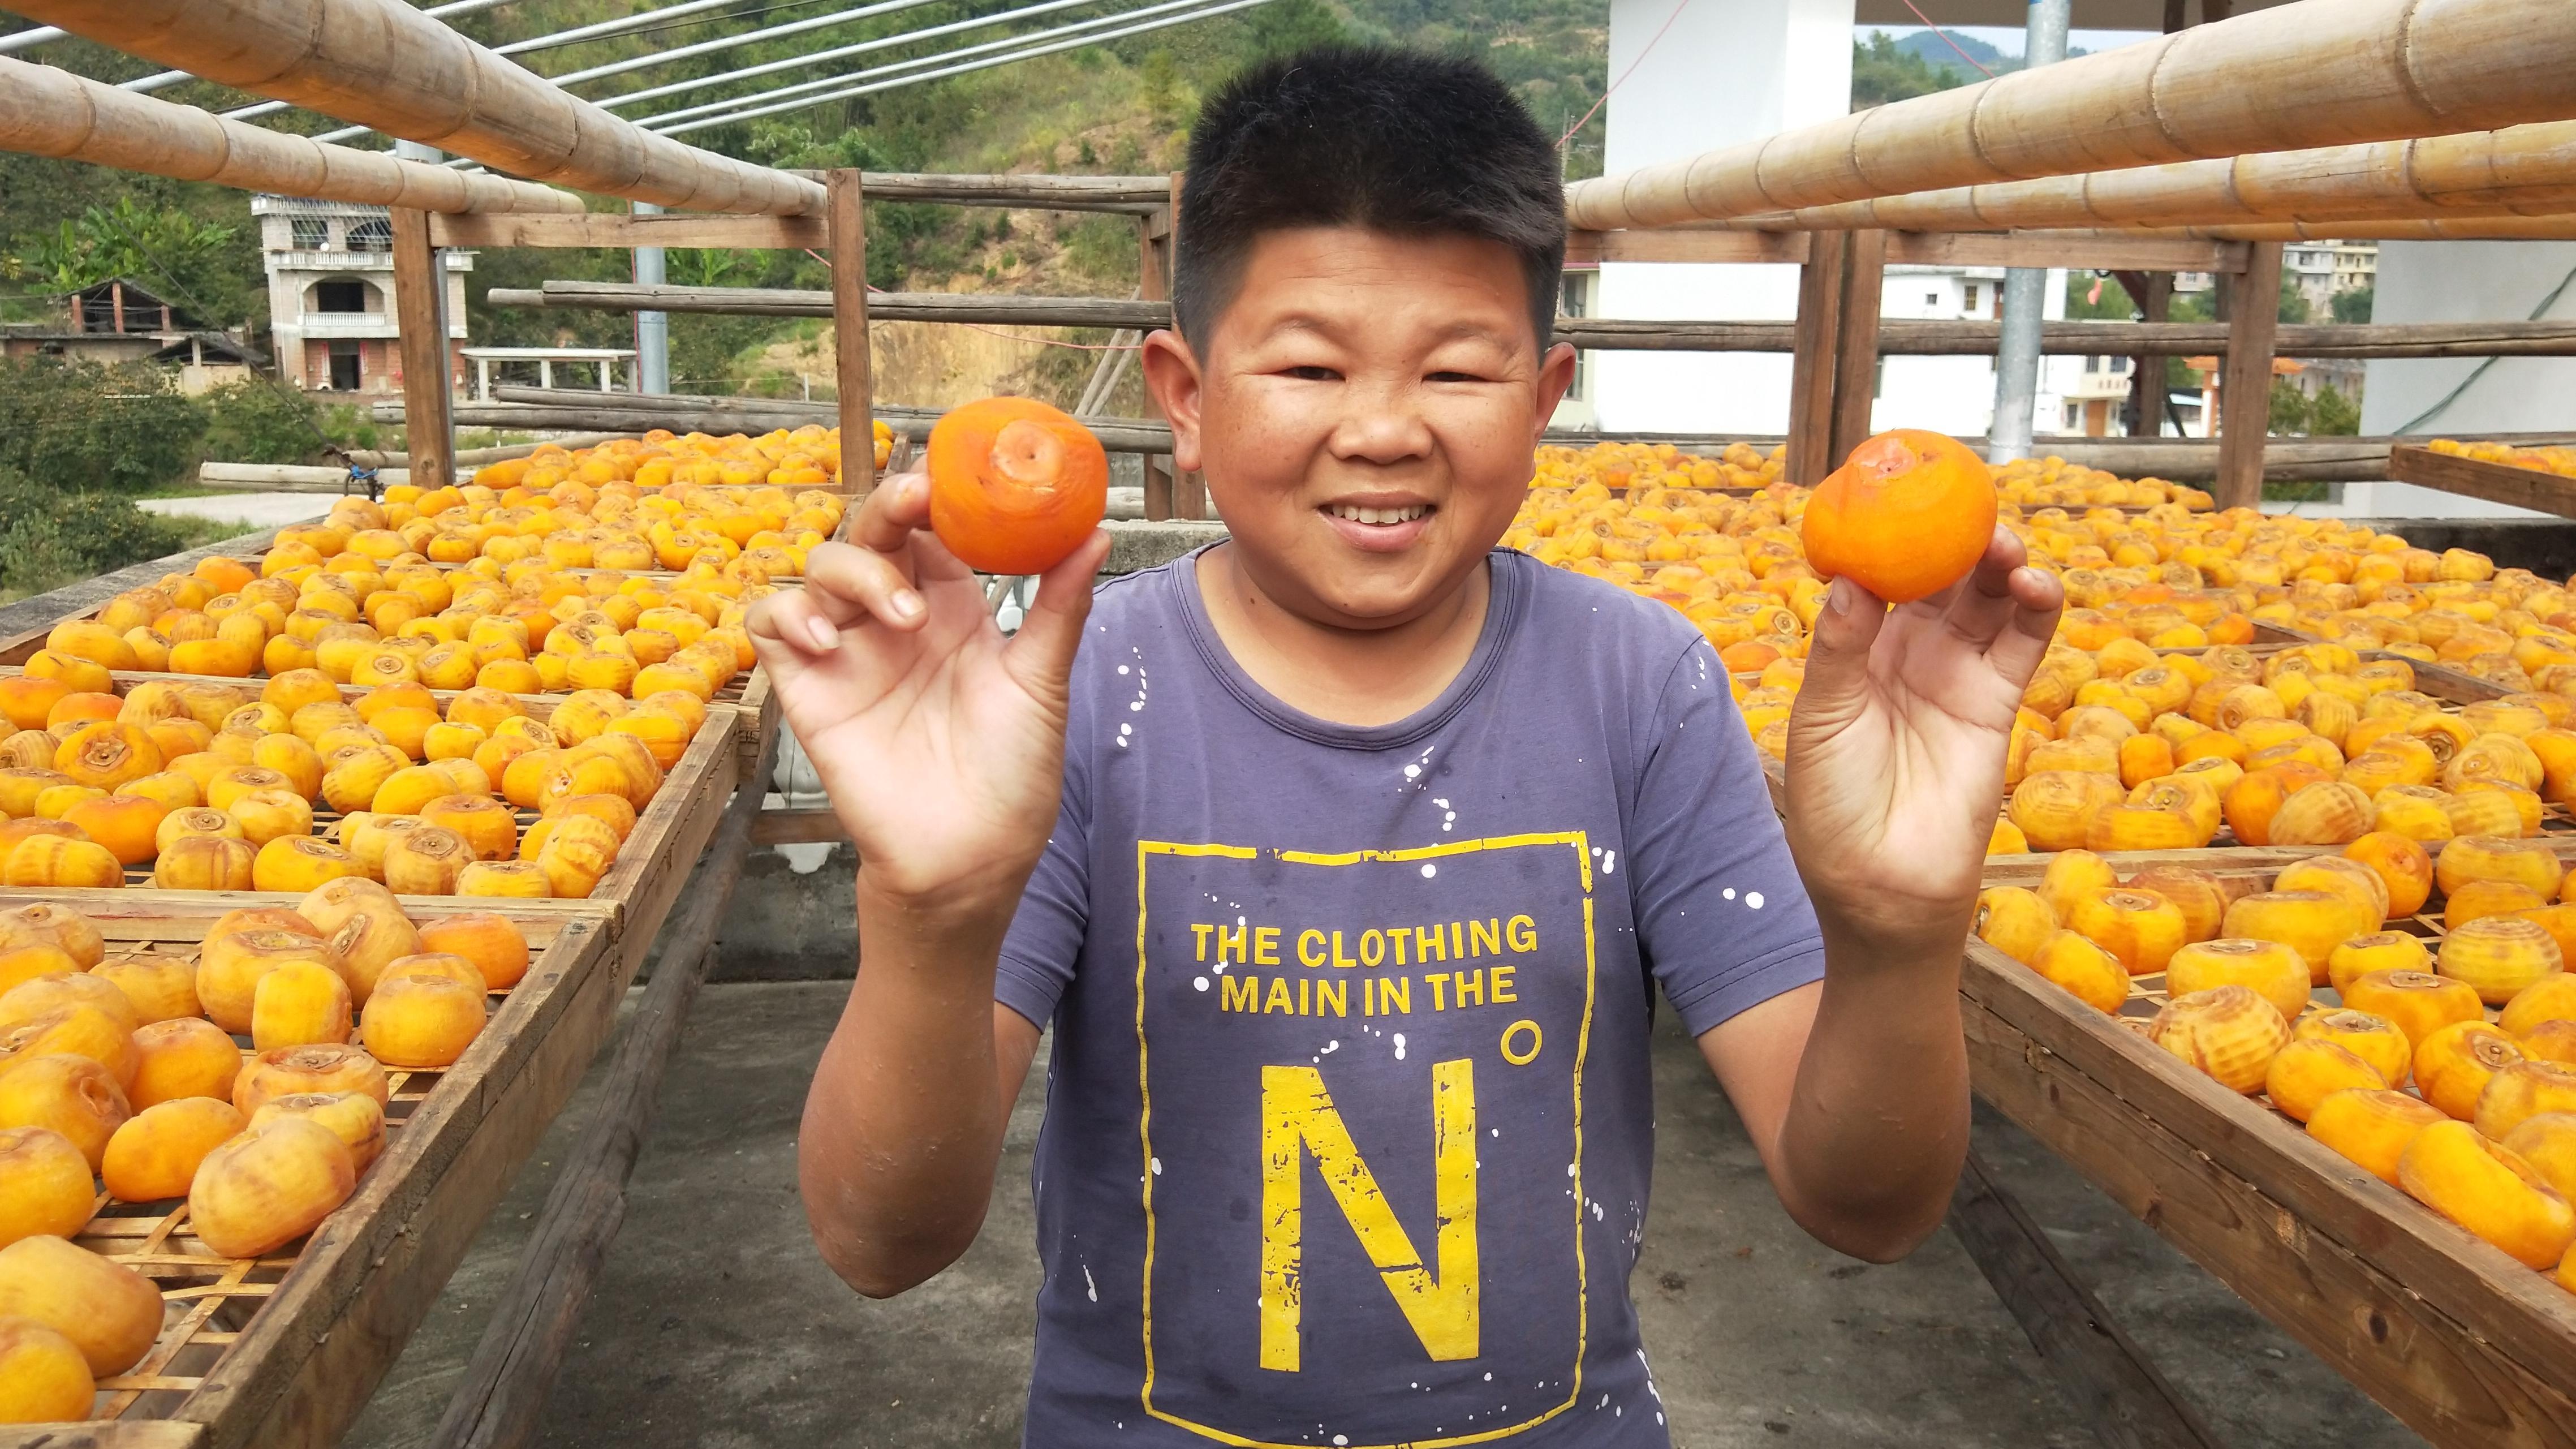 家家户户楼顶晒满了柿子,小六走到哪吃到哪,惹得小七也秒变吃货